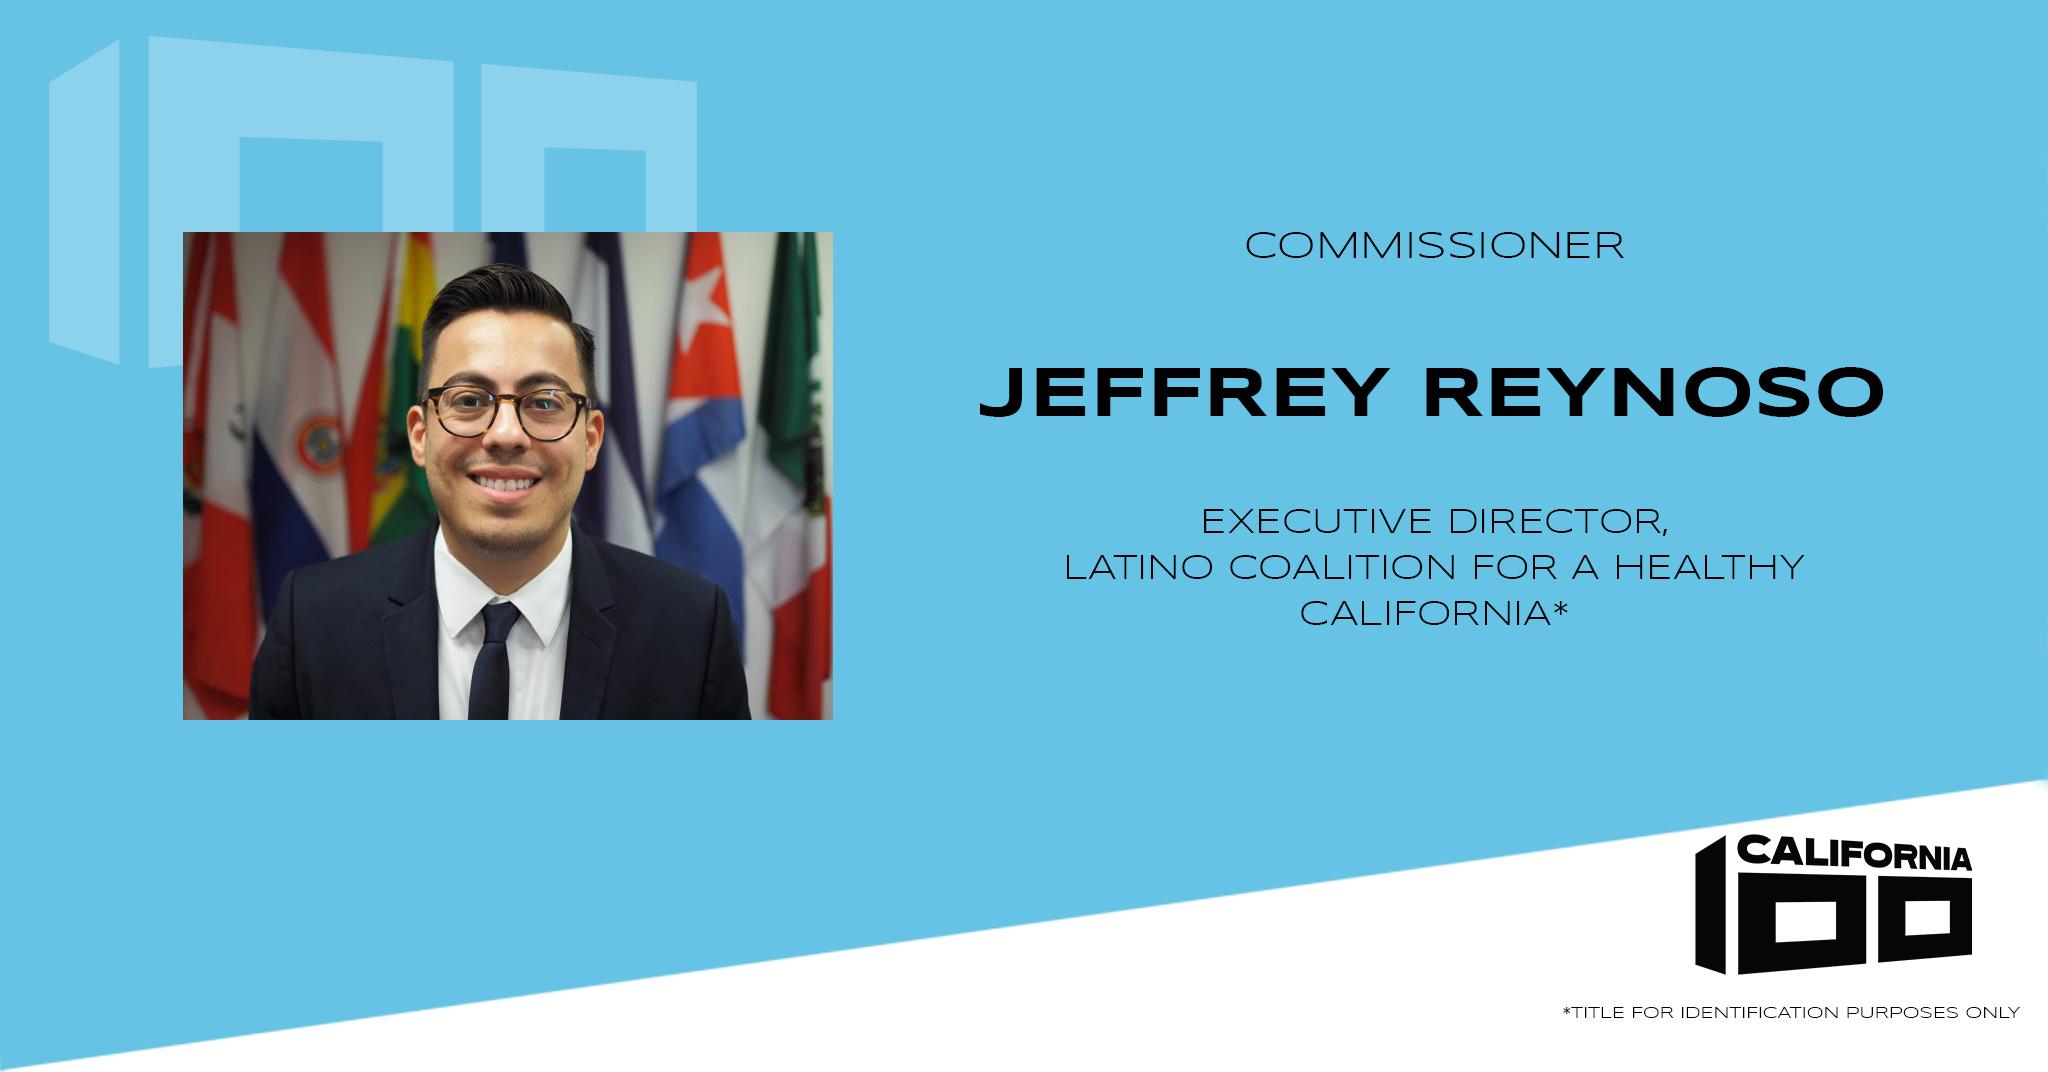 Jeffrey Reynoso